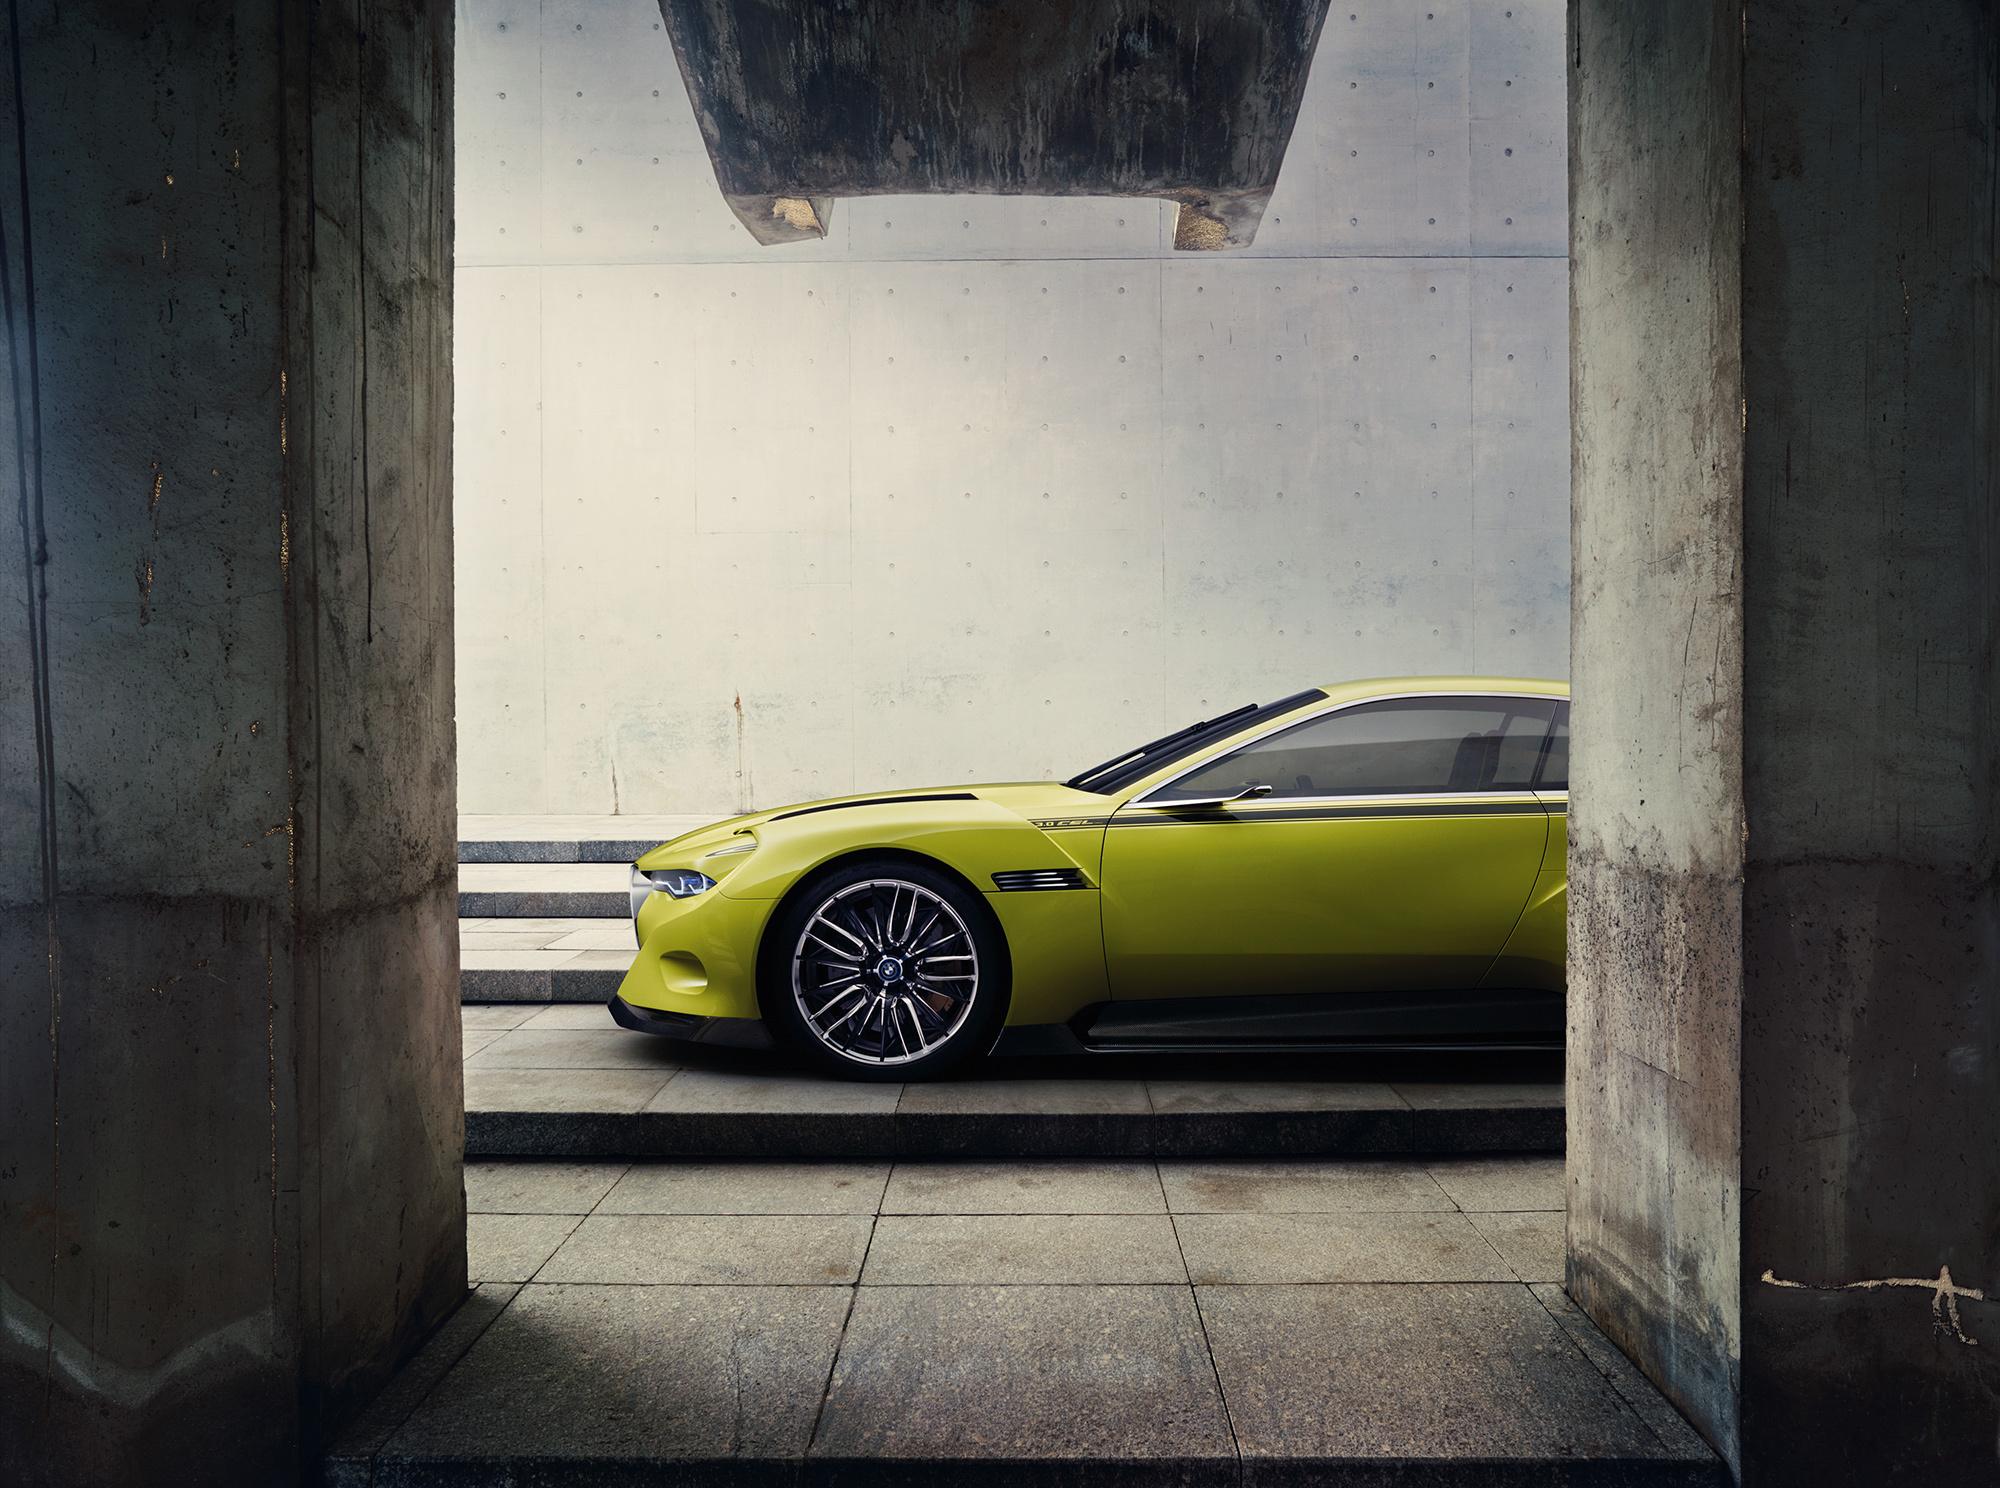 BMW 3.0 CSL Hommage Concept Photos